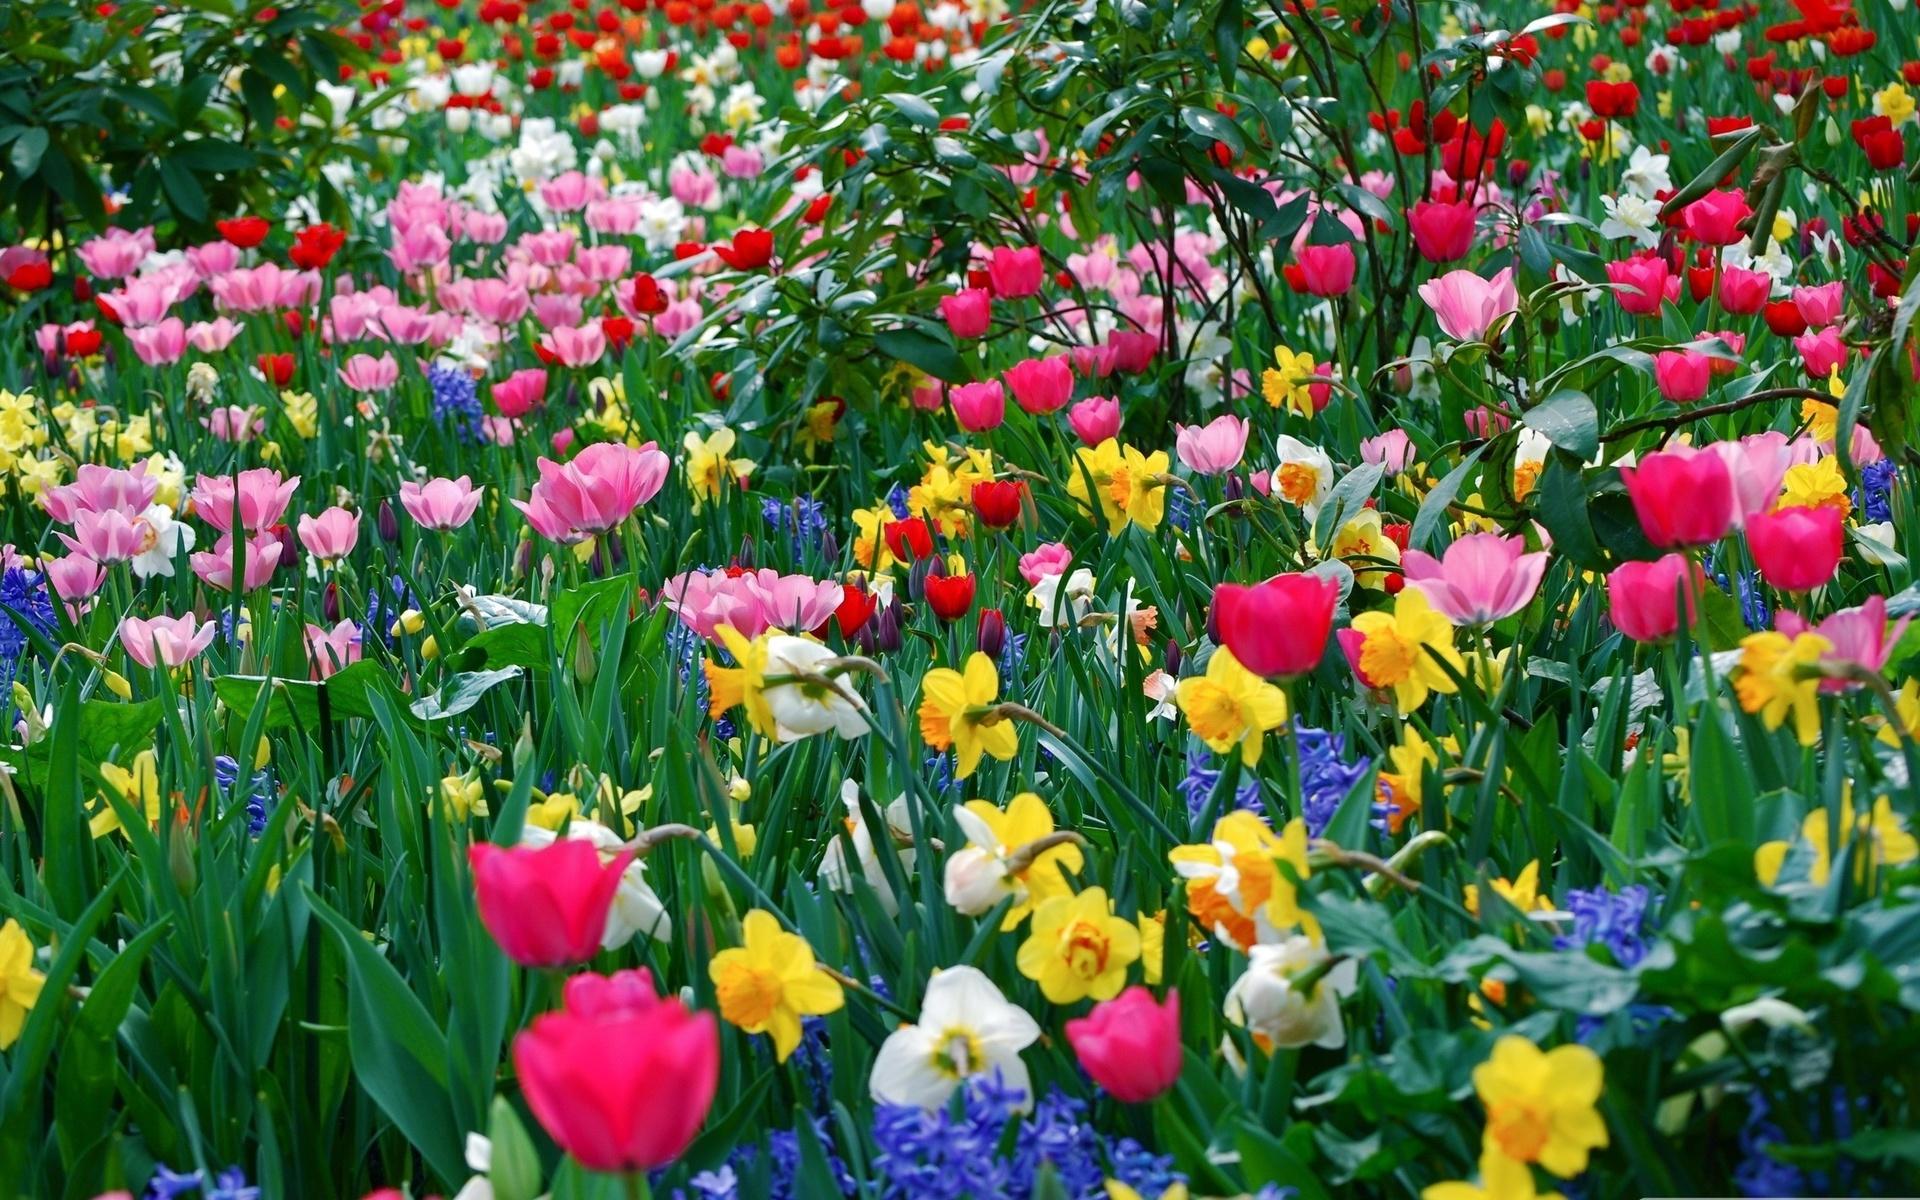 Картинки весенние с цветами